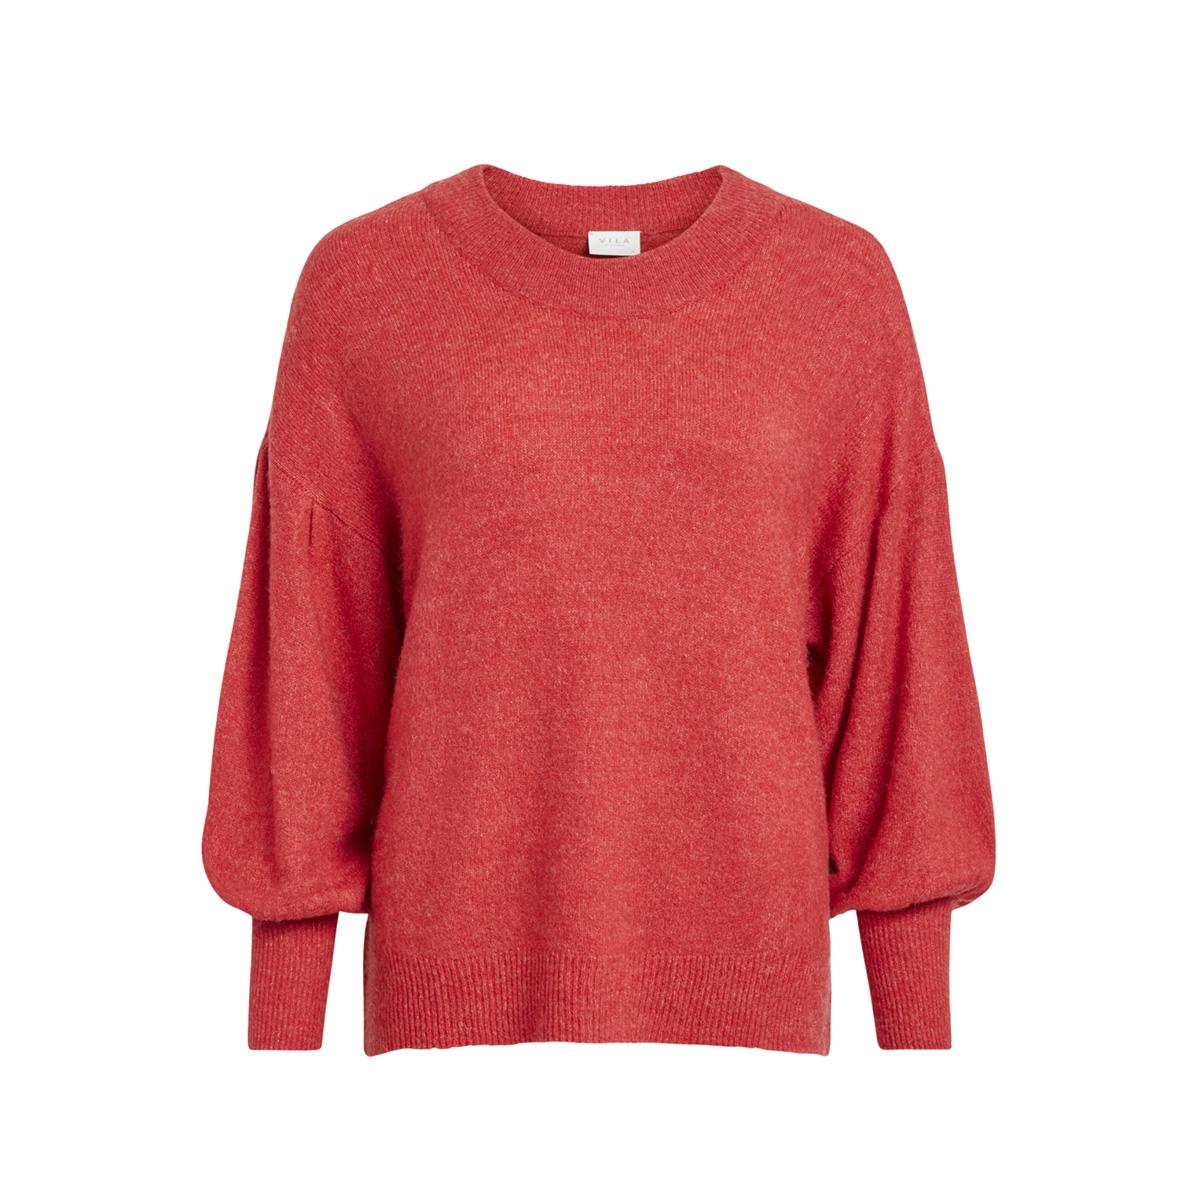 viesha knit new sleeve l/s top 14049910 vila trui barberry